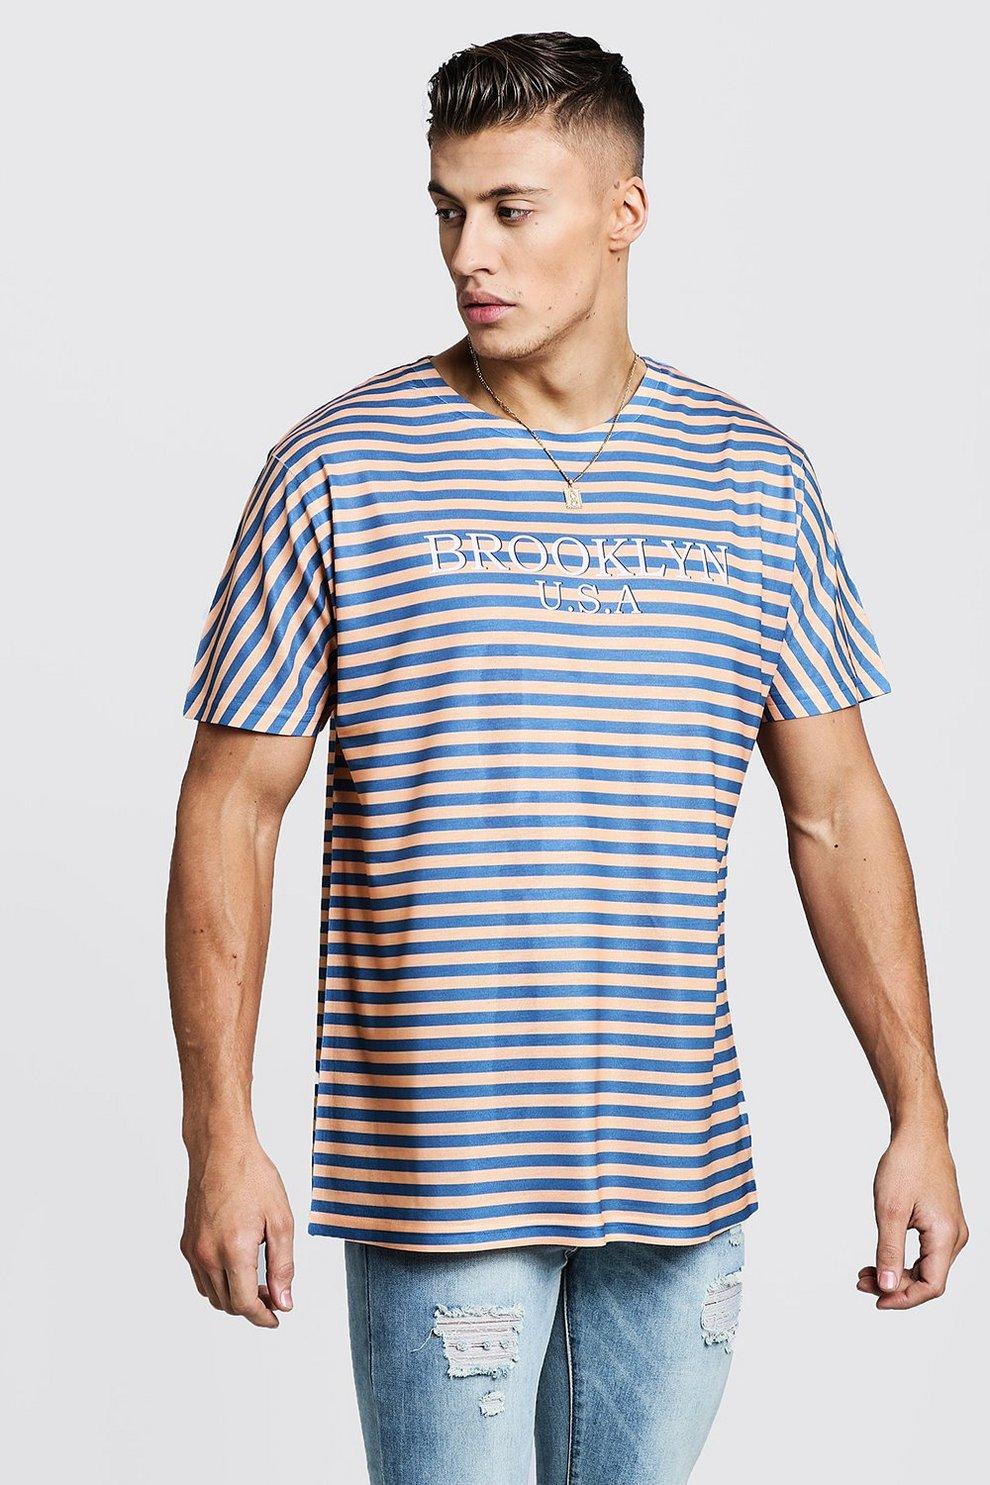 c0f36d28b2d Brooklyn USA Stripe Overszied T-Shirt